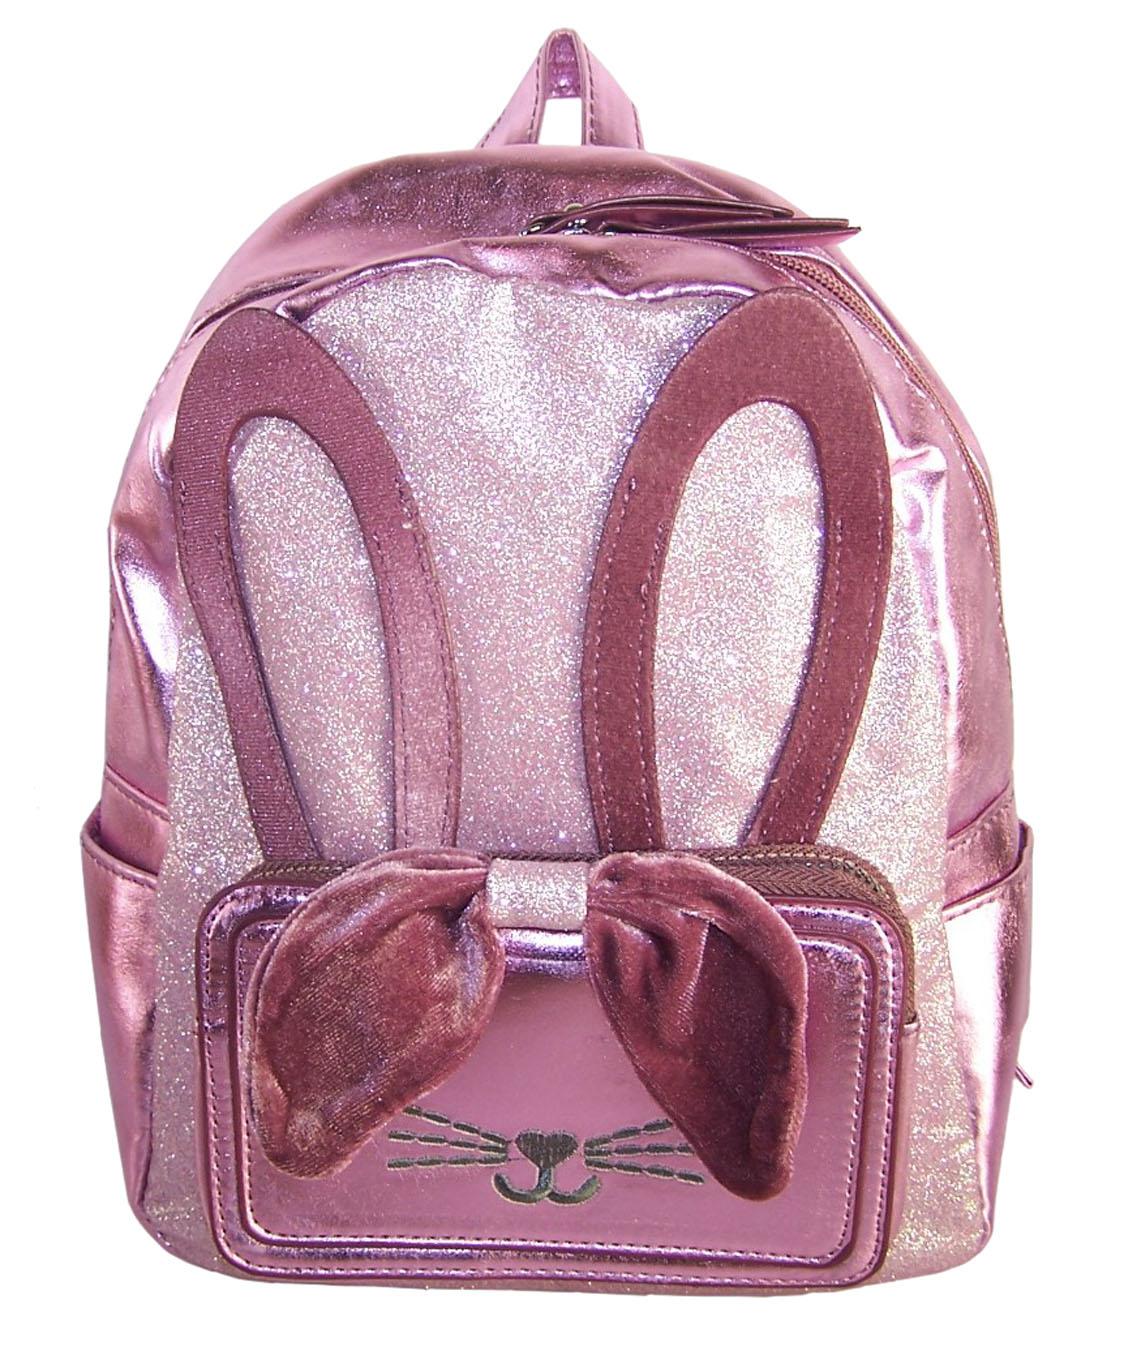 Girls pink PU and glitter bunny mini backpack-0